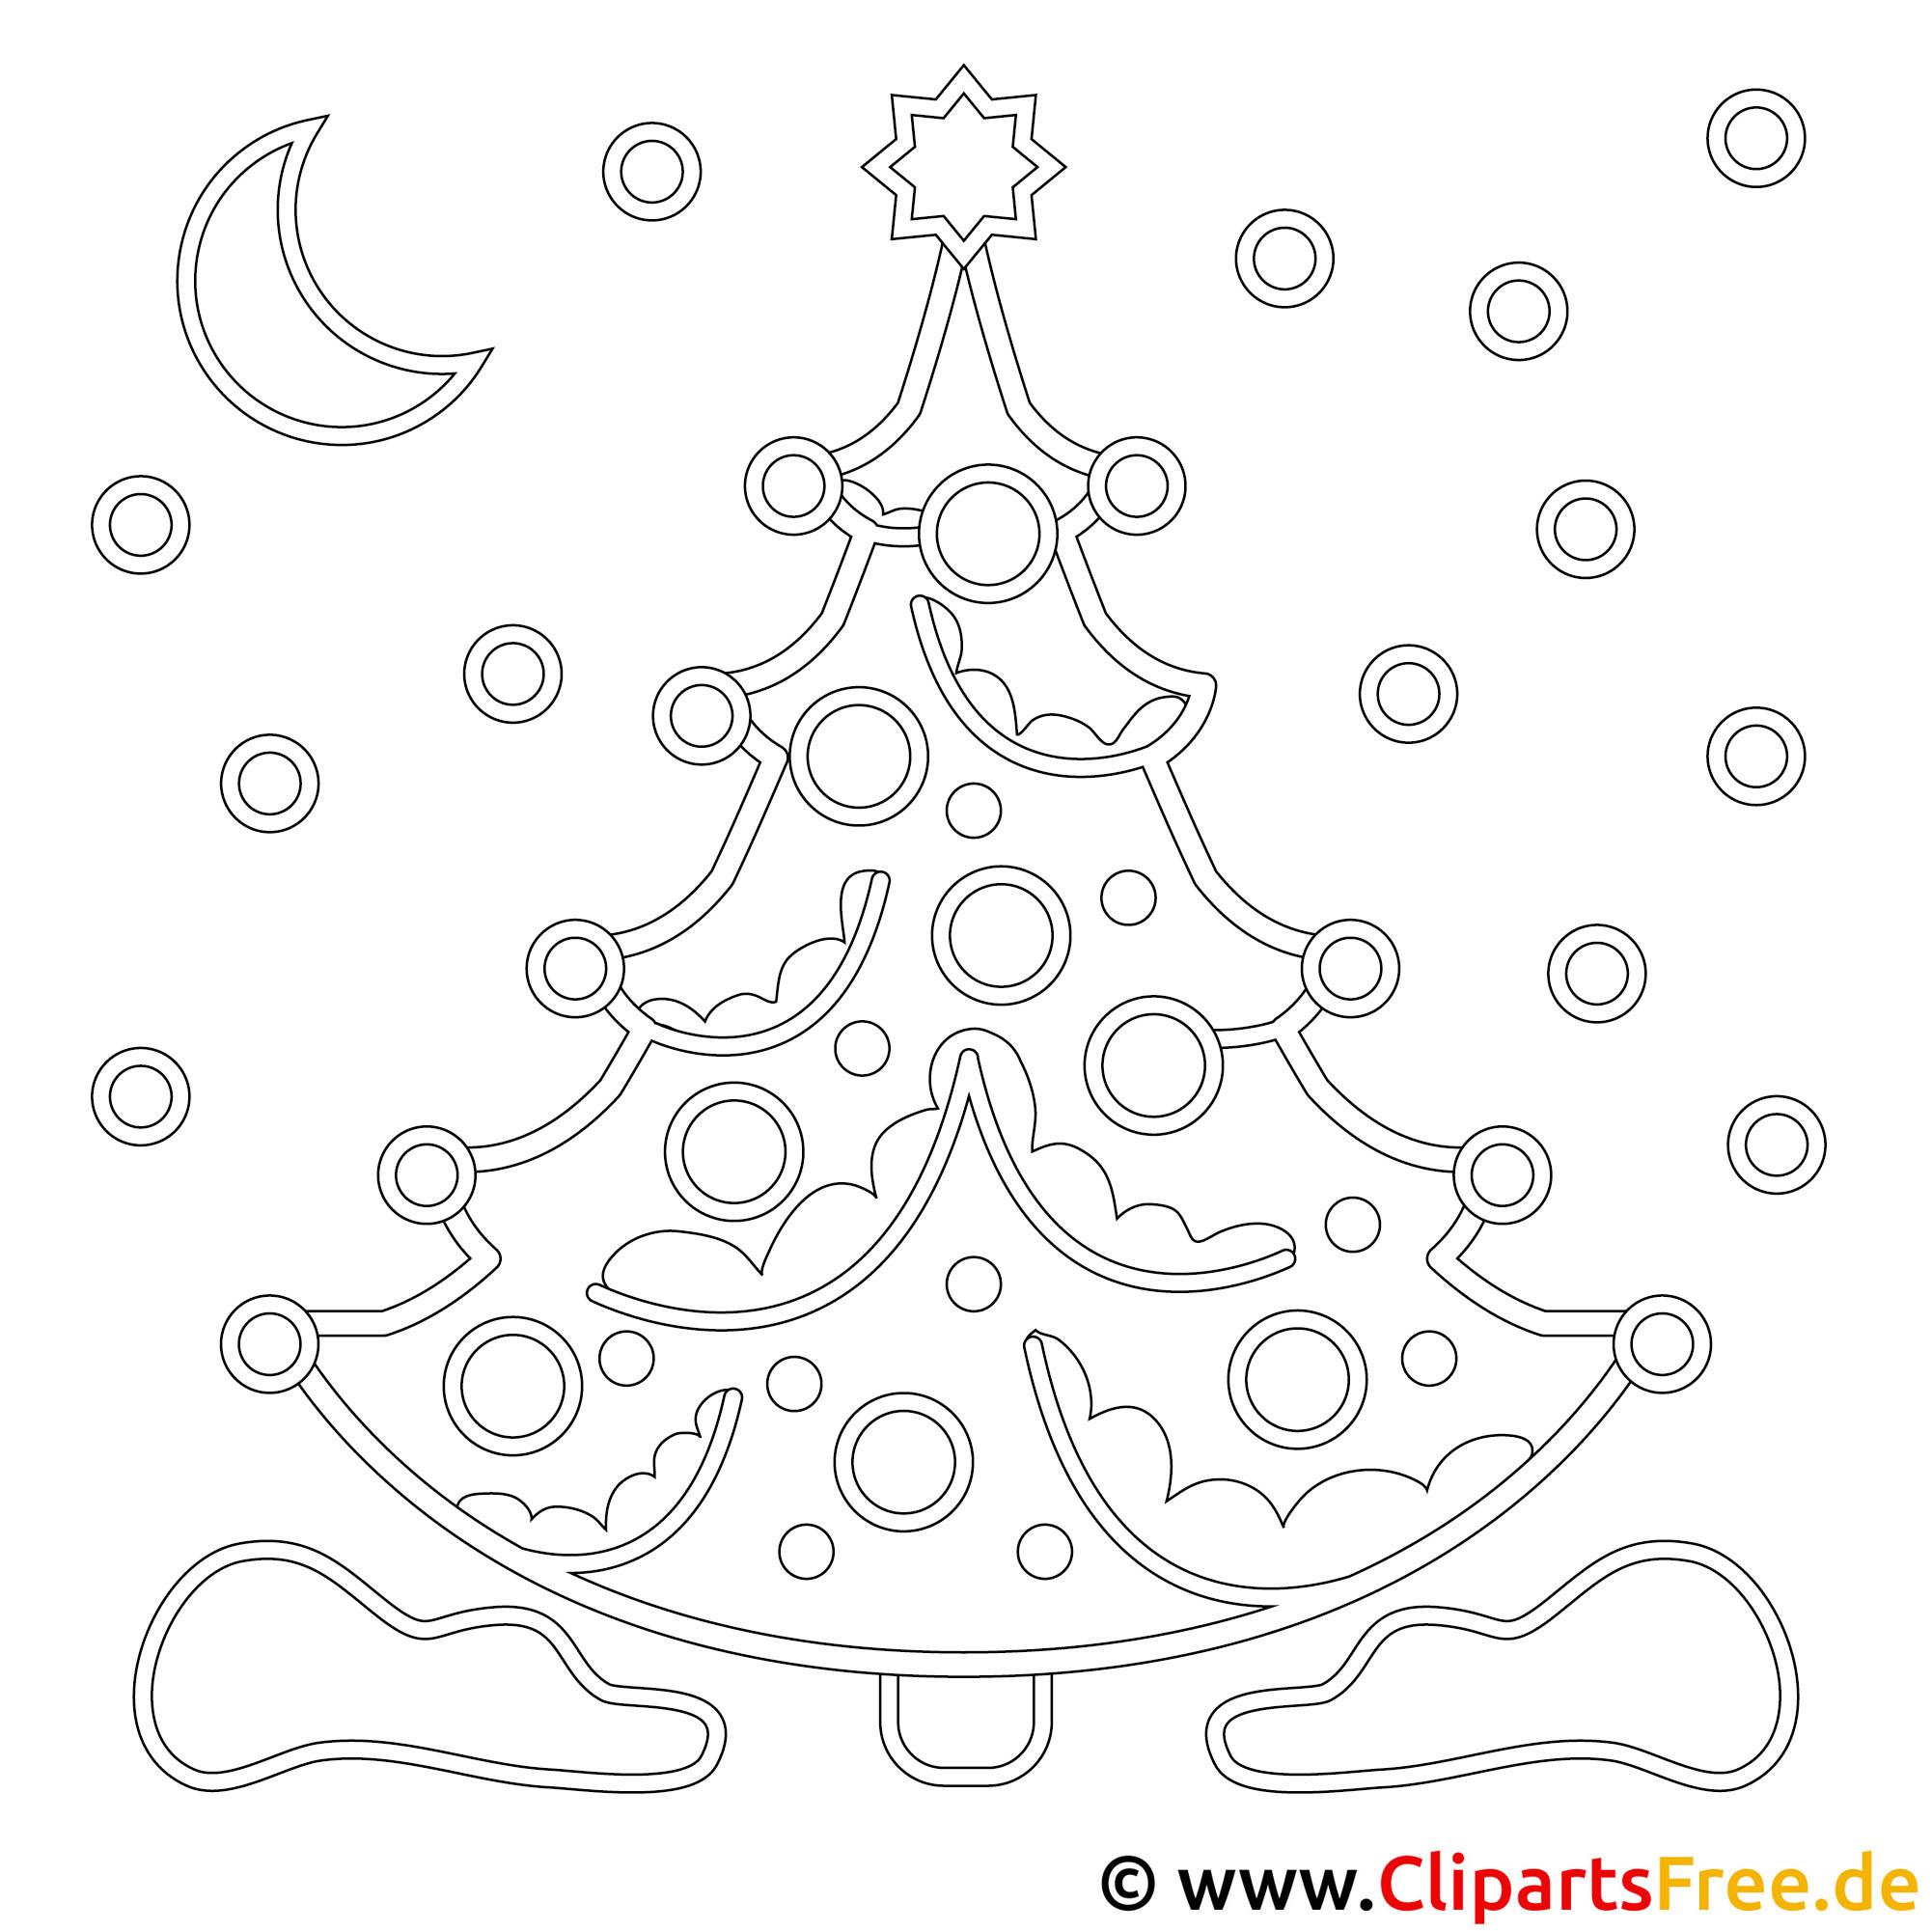 weihnachtsbaum bild malvorlage ausmalbild kostenlos. Black Bedroom Furniture Sets. Home Design Ideas